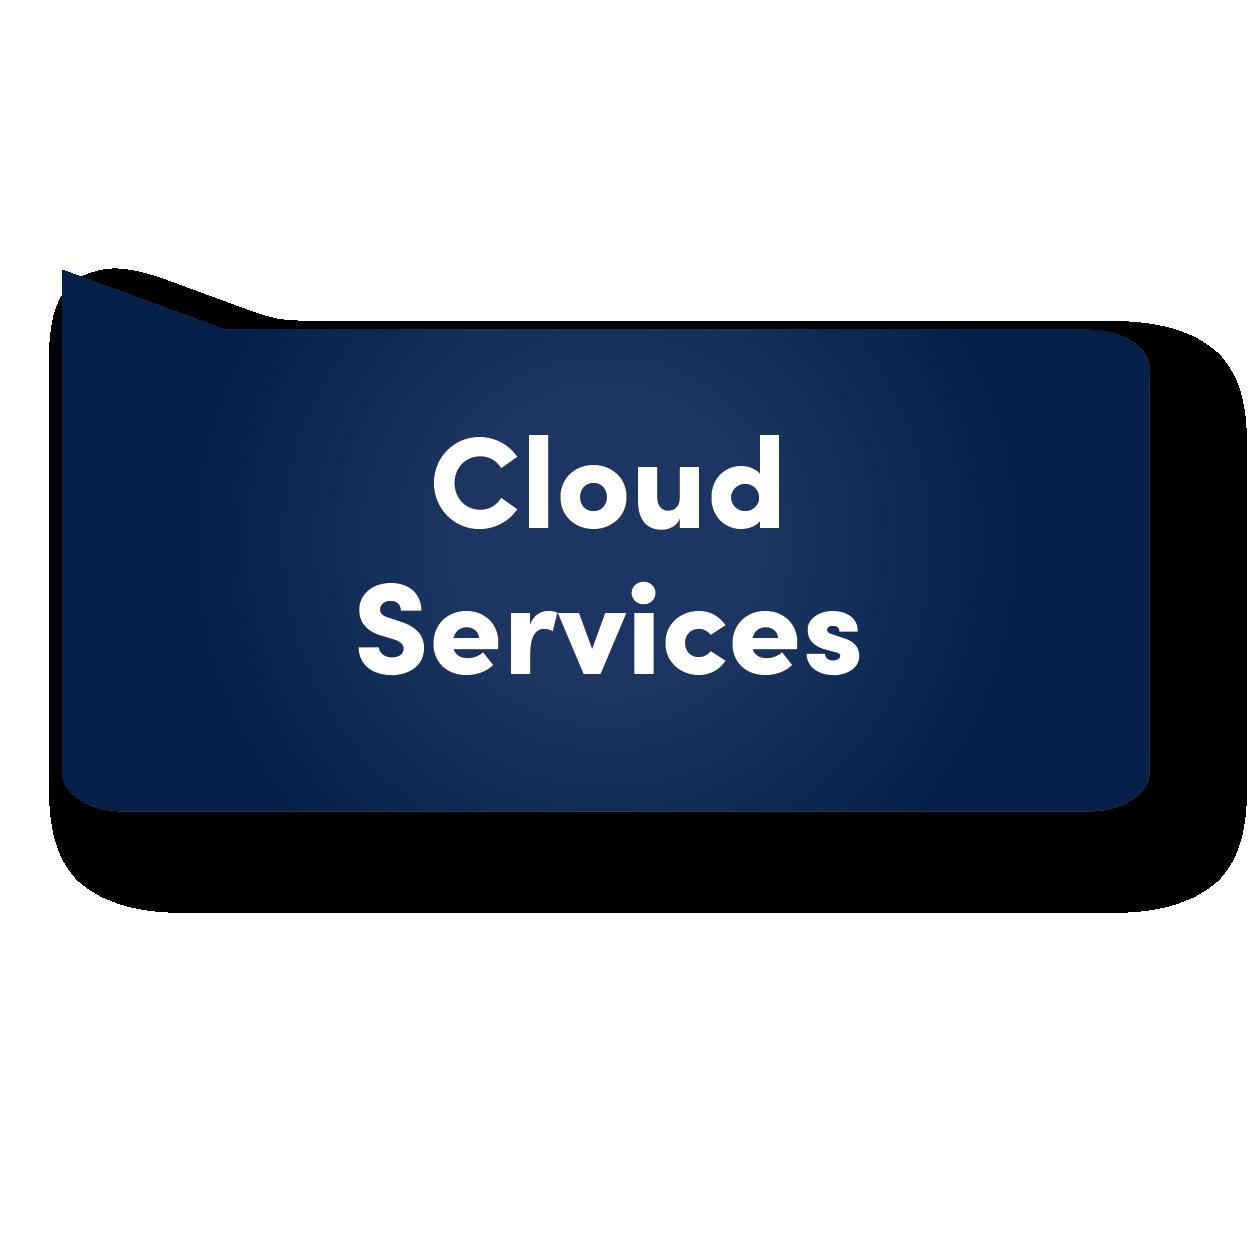 Cloud Services BUBBLE-01.png